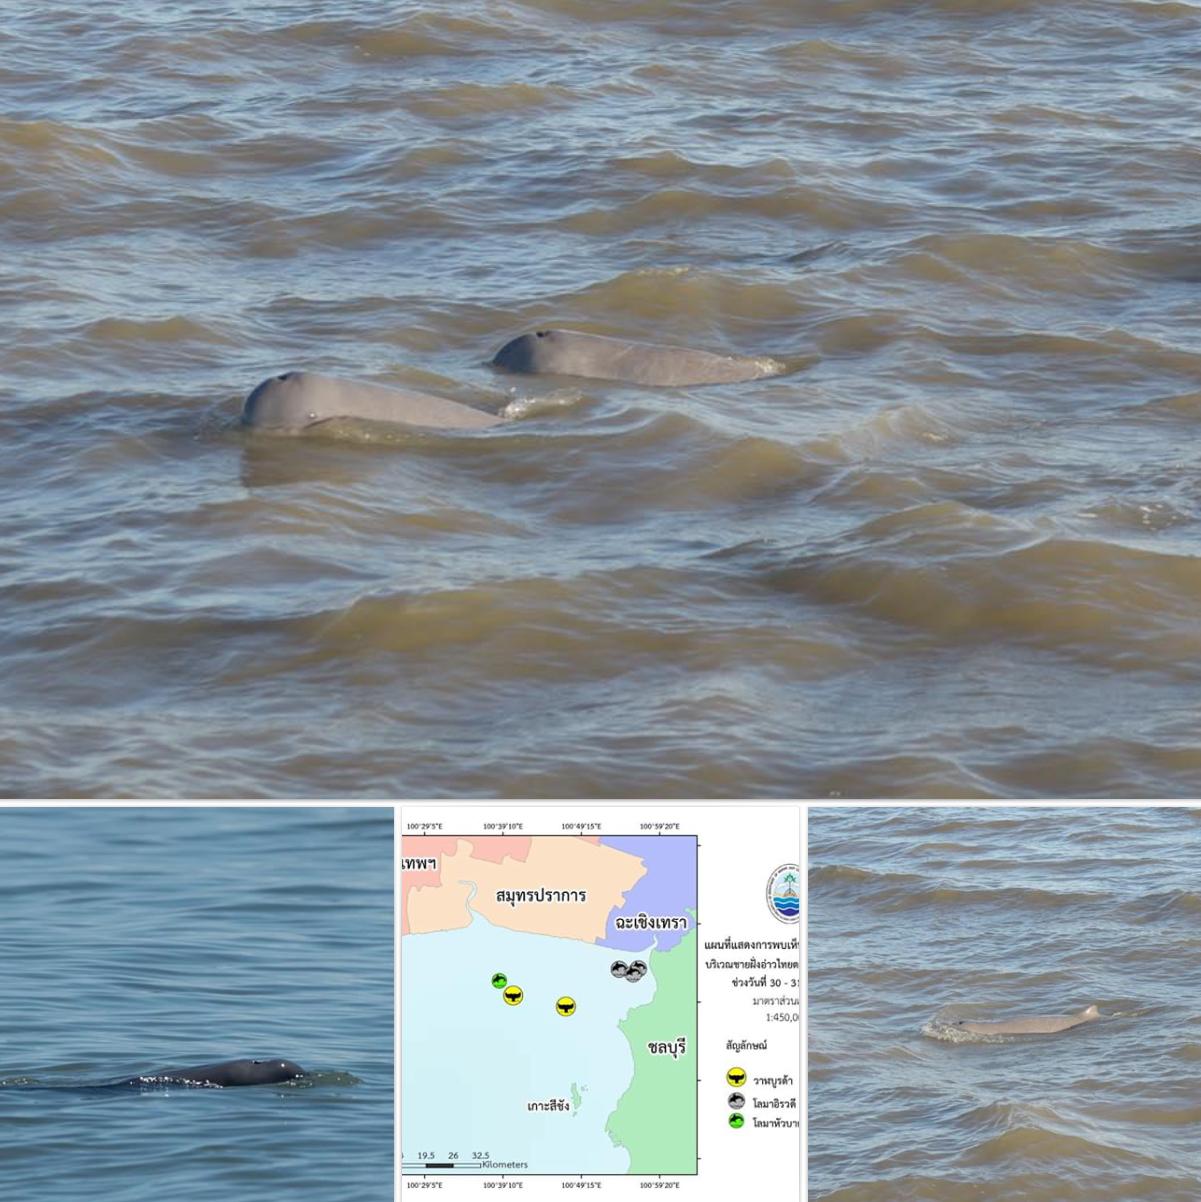 อุ่นใจทะเลอ่าวไทยตัว ก. พบหลากหลายโลมาวาฬ